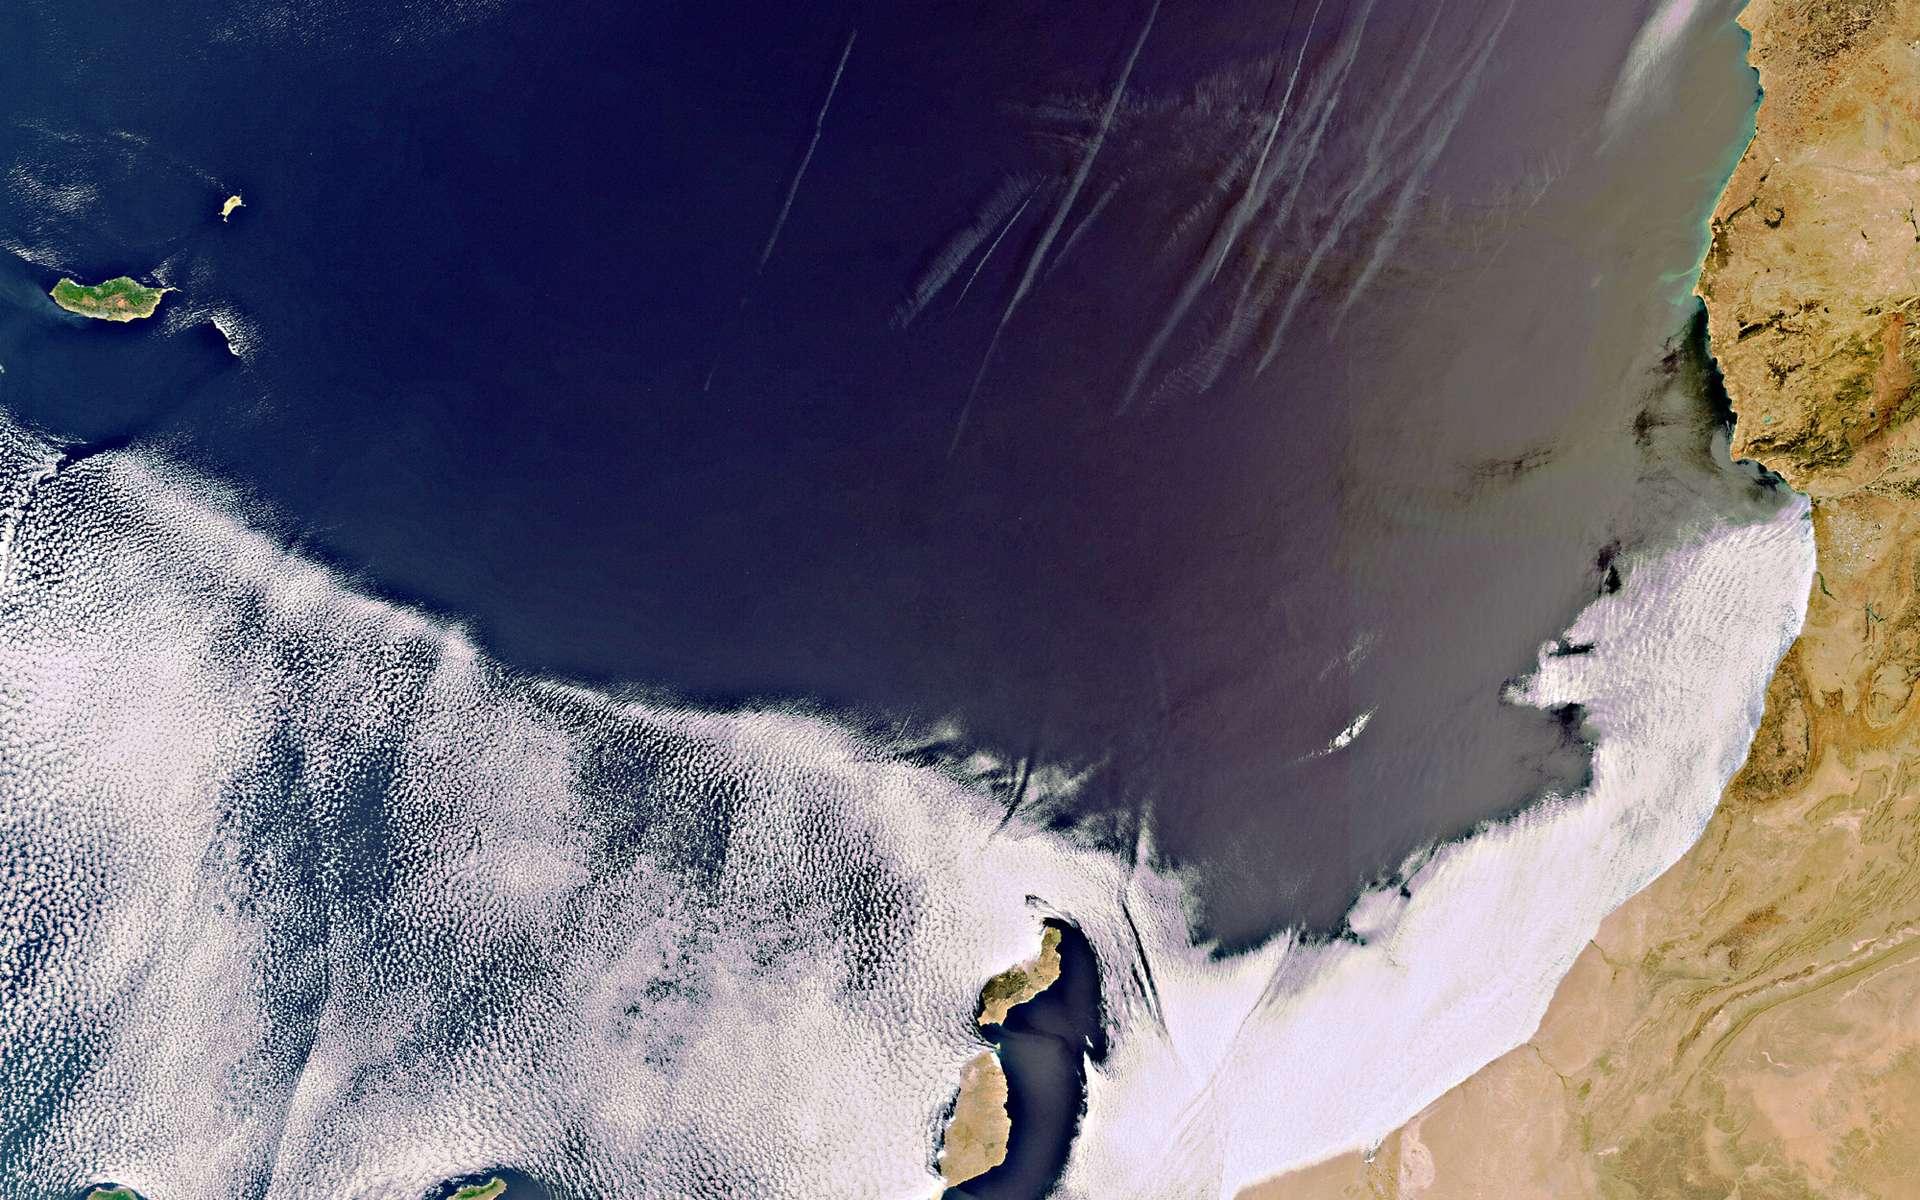 Cette image des îles Canaries a été prise le 8 septembre 2011 par la caméra Meris (Medium Resolution Imaging Spectrometer) du satellite Envisat. © Esa